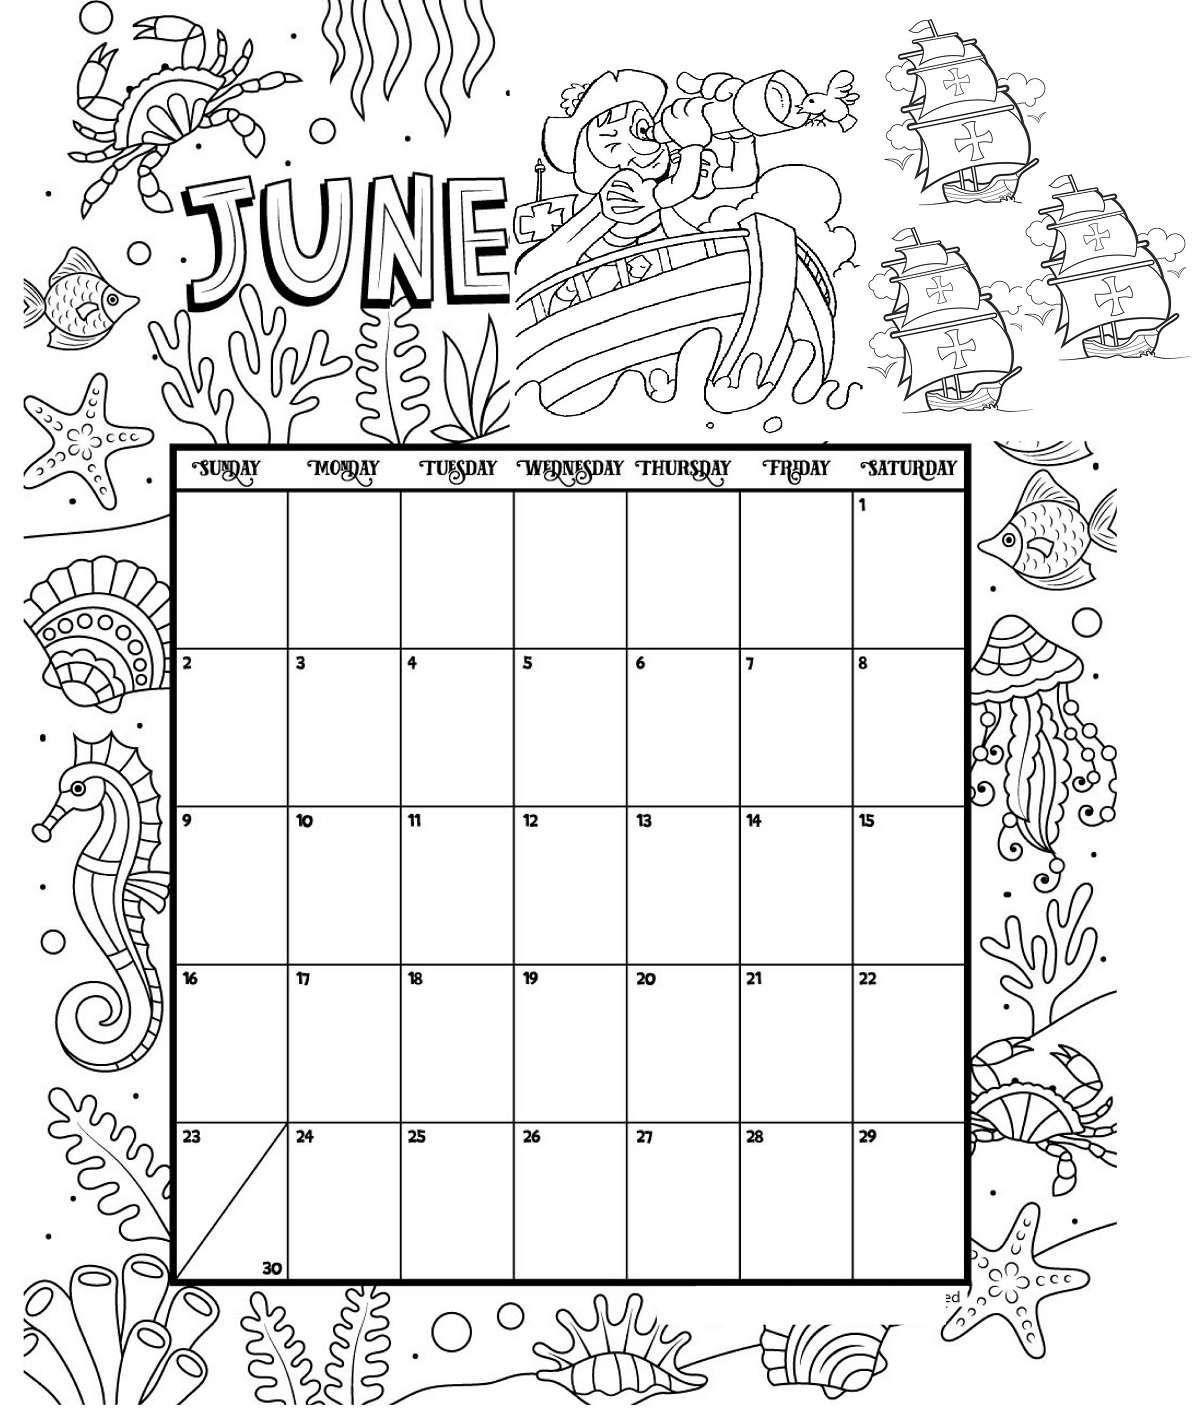 38 Printable Colouring Calendar 2019 Coloring Calendar Printable Coloring Pages Printable Coloring